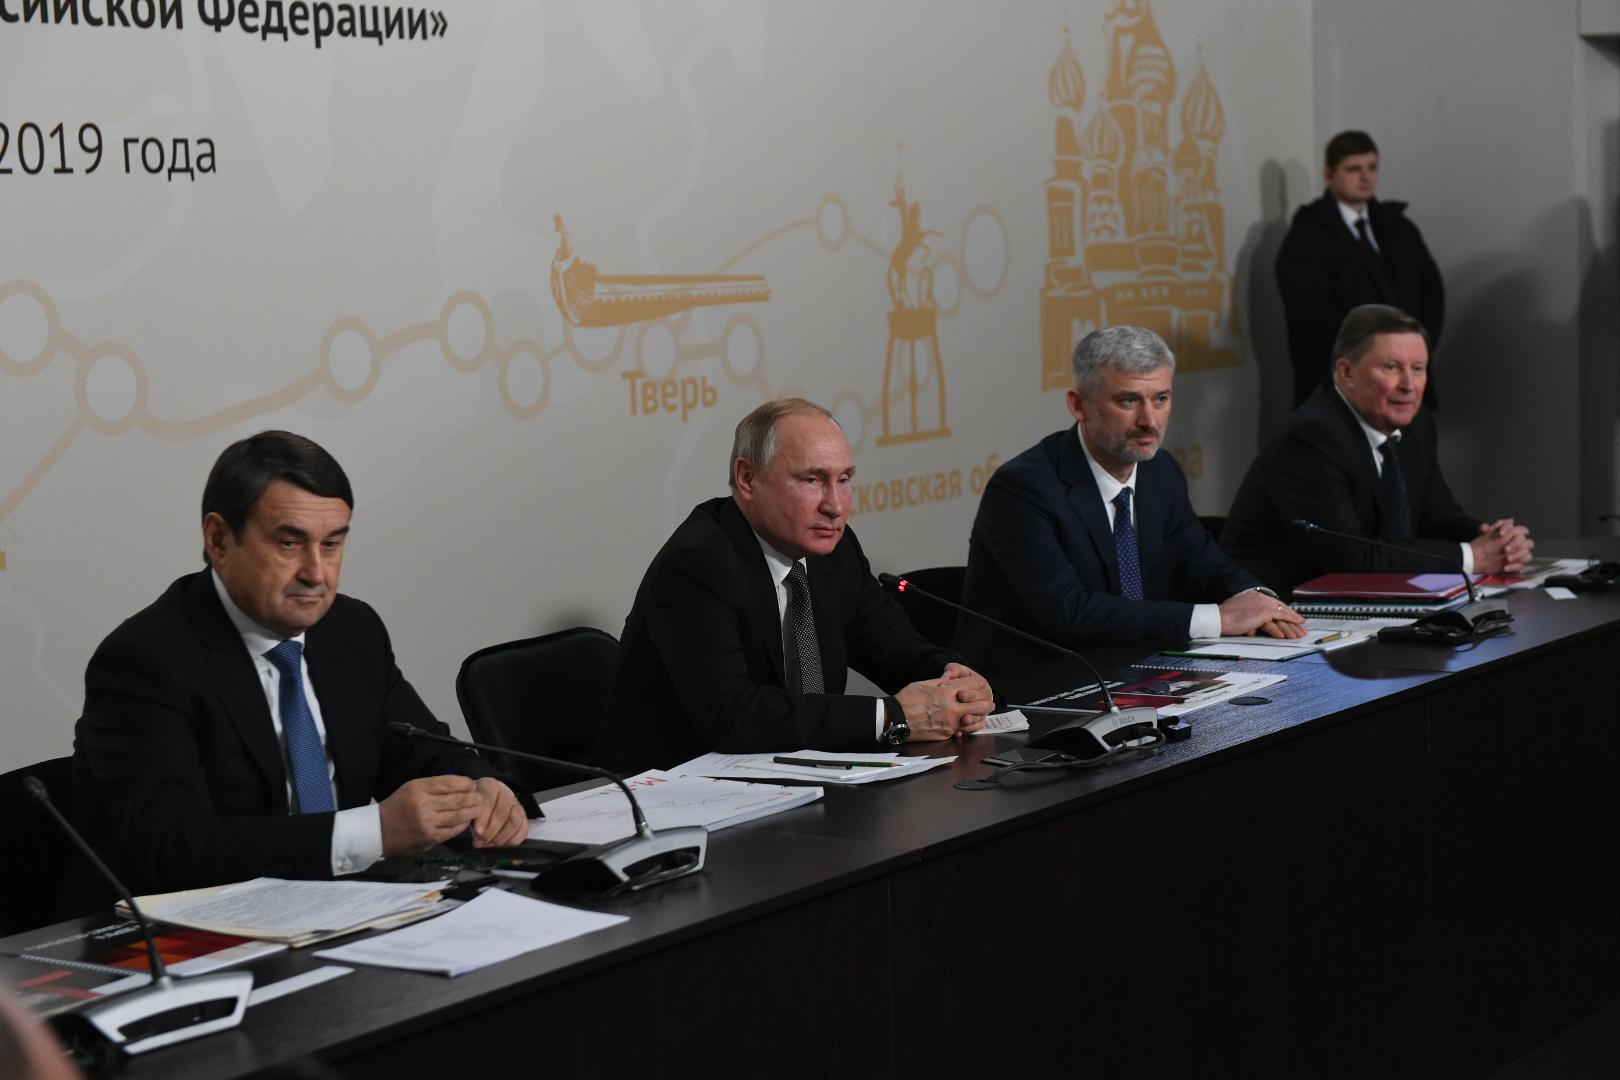 Игорь Левитин, Владимир Путин, Евгений Дитрих, Сергей Иванов